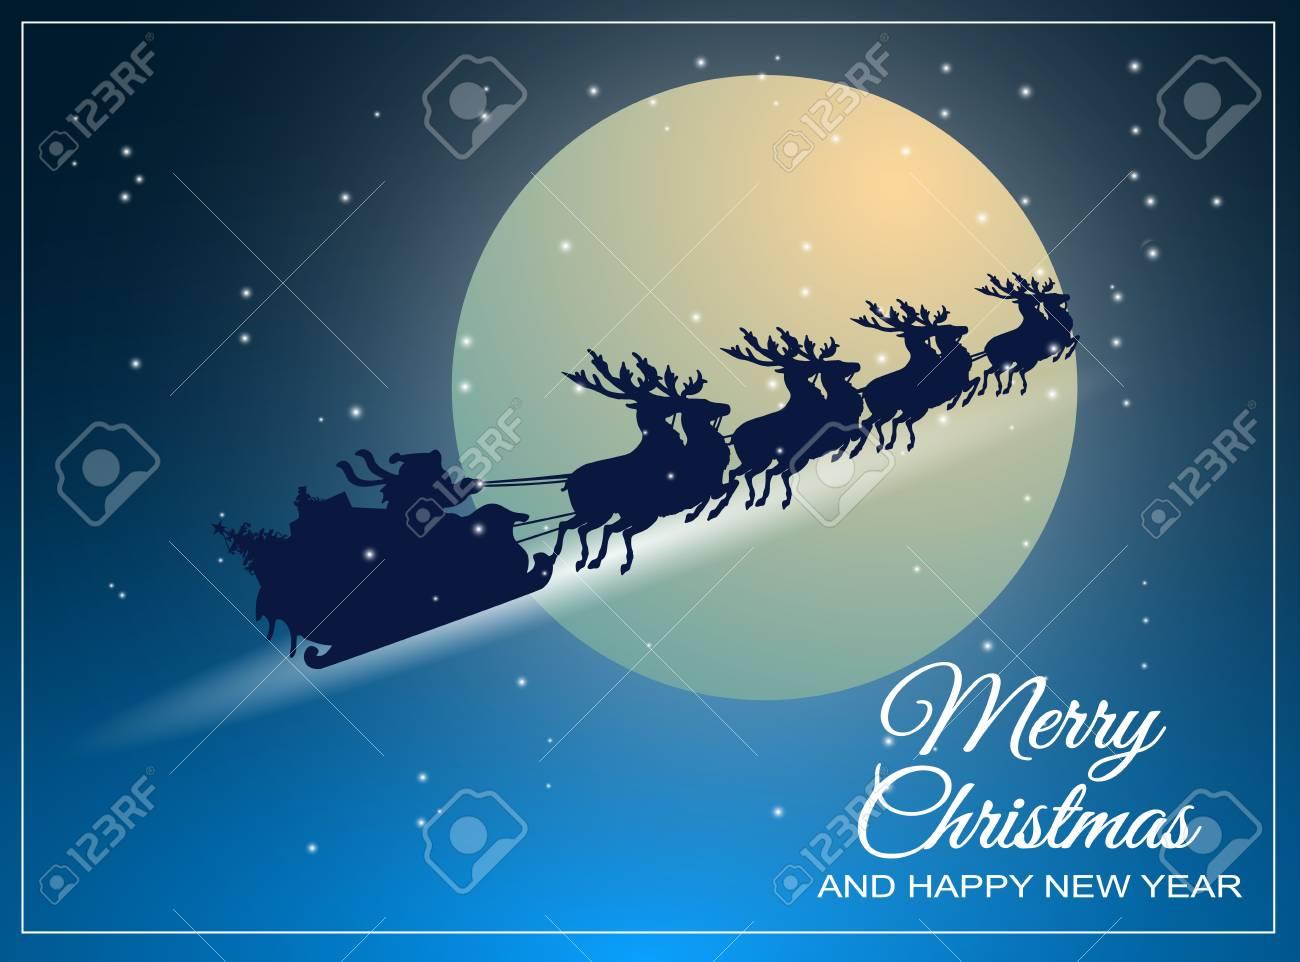 夜を徹してトナカイとそりでサンタ クロースの乗り物 月の背景として メリー クリスマス ベクトル イラスト のイラスト素材 ベクタ Image